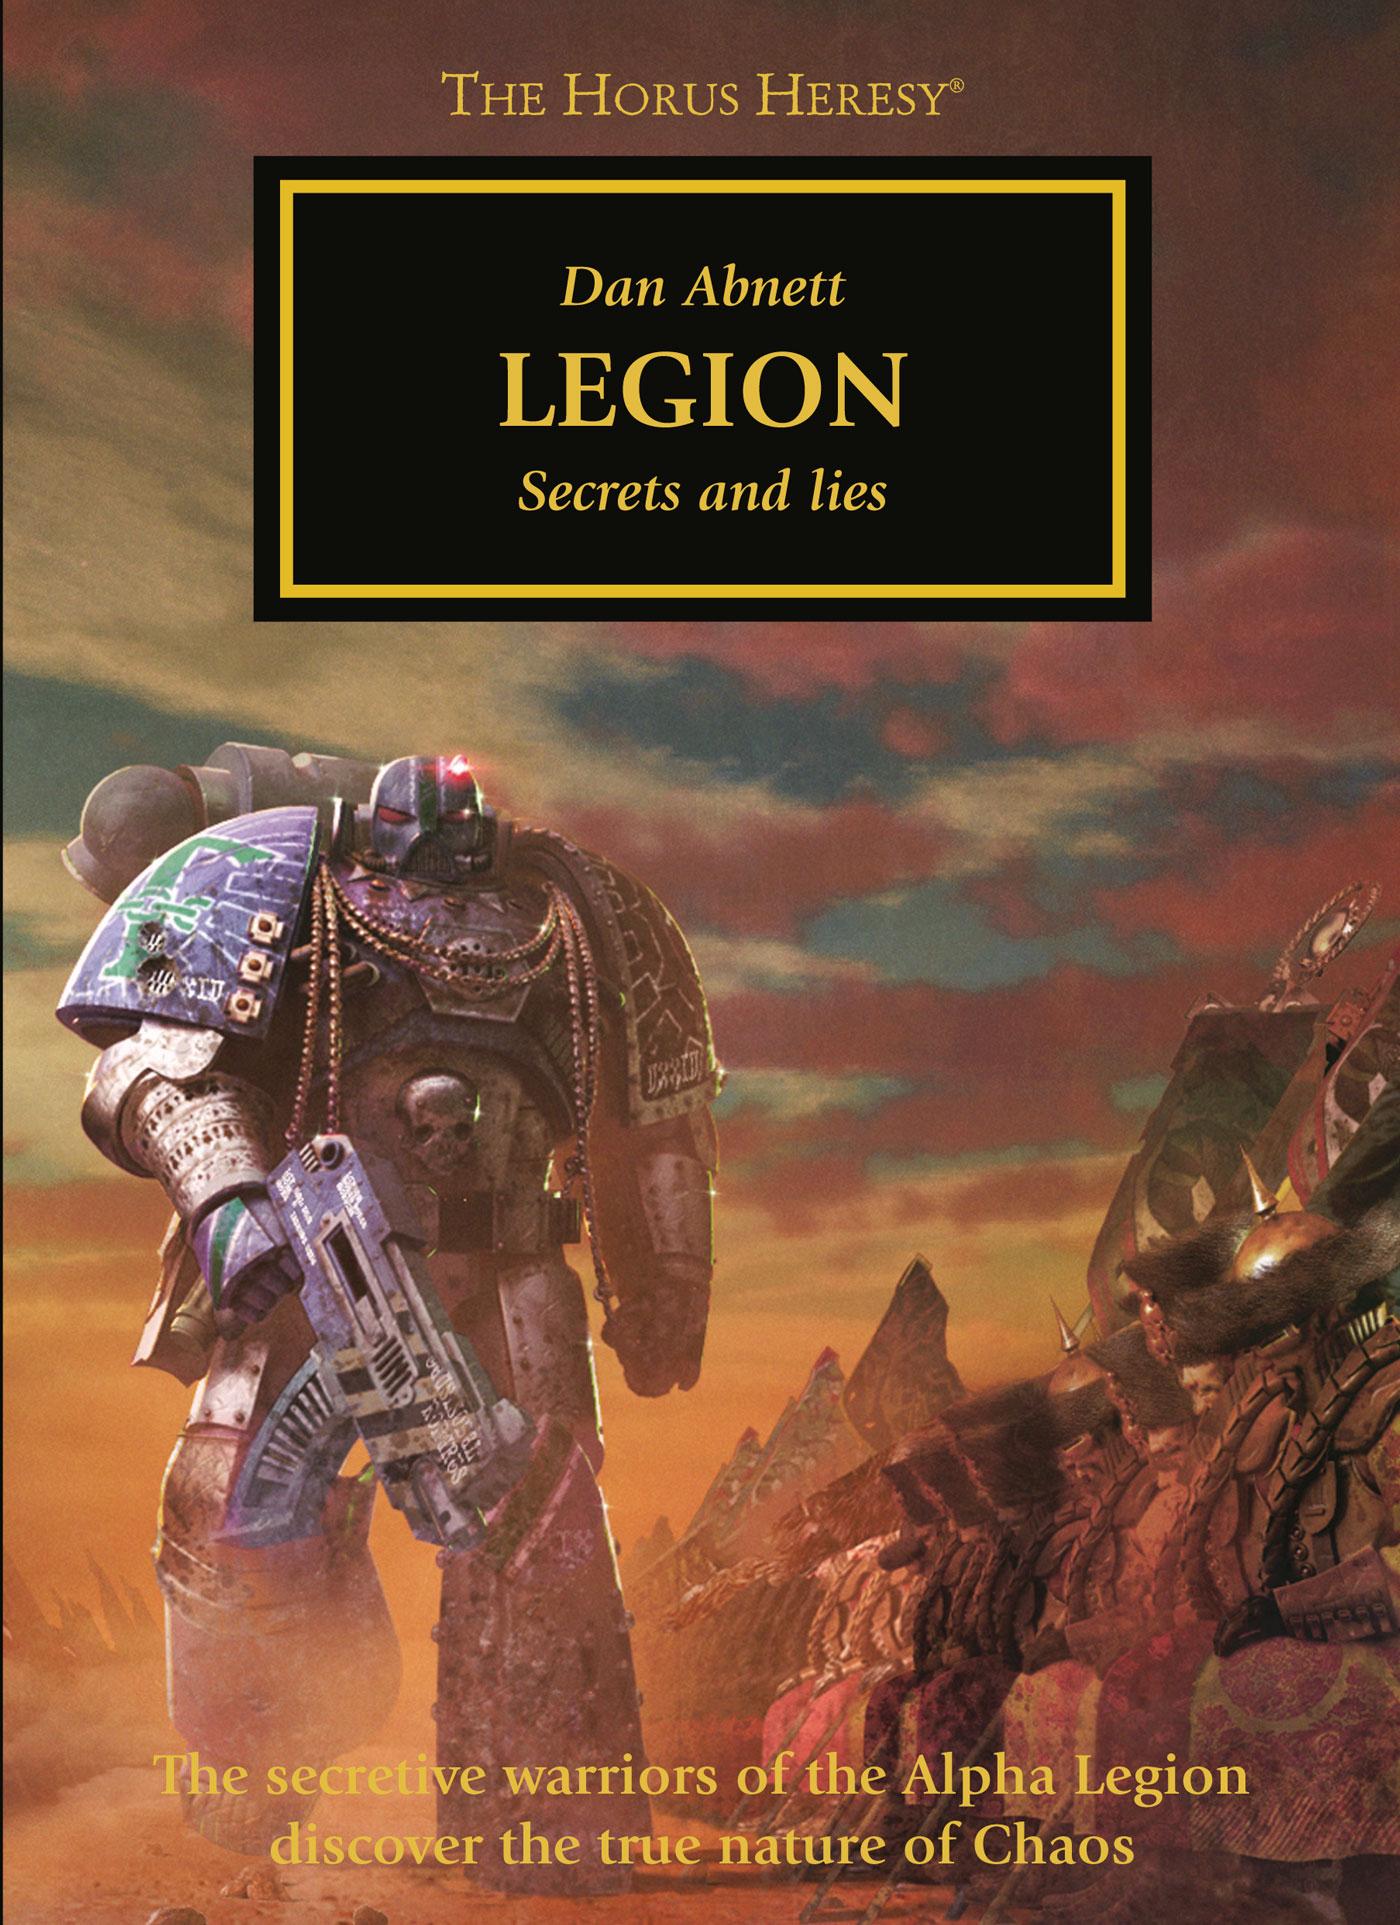 Legion by Dan Abnett